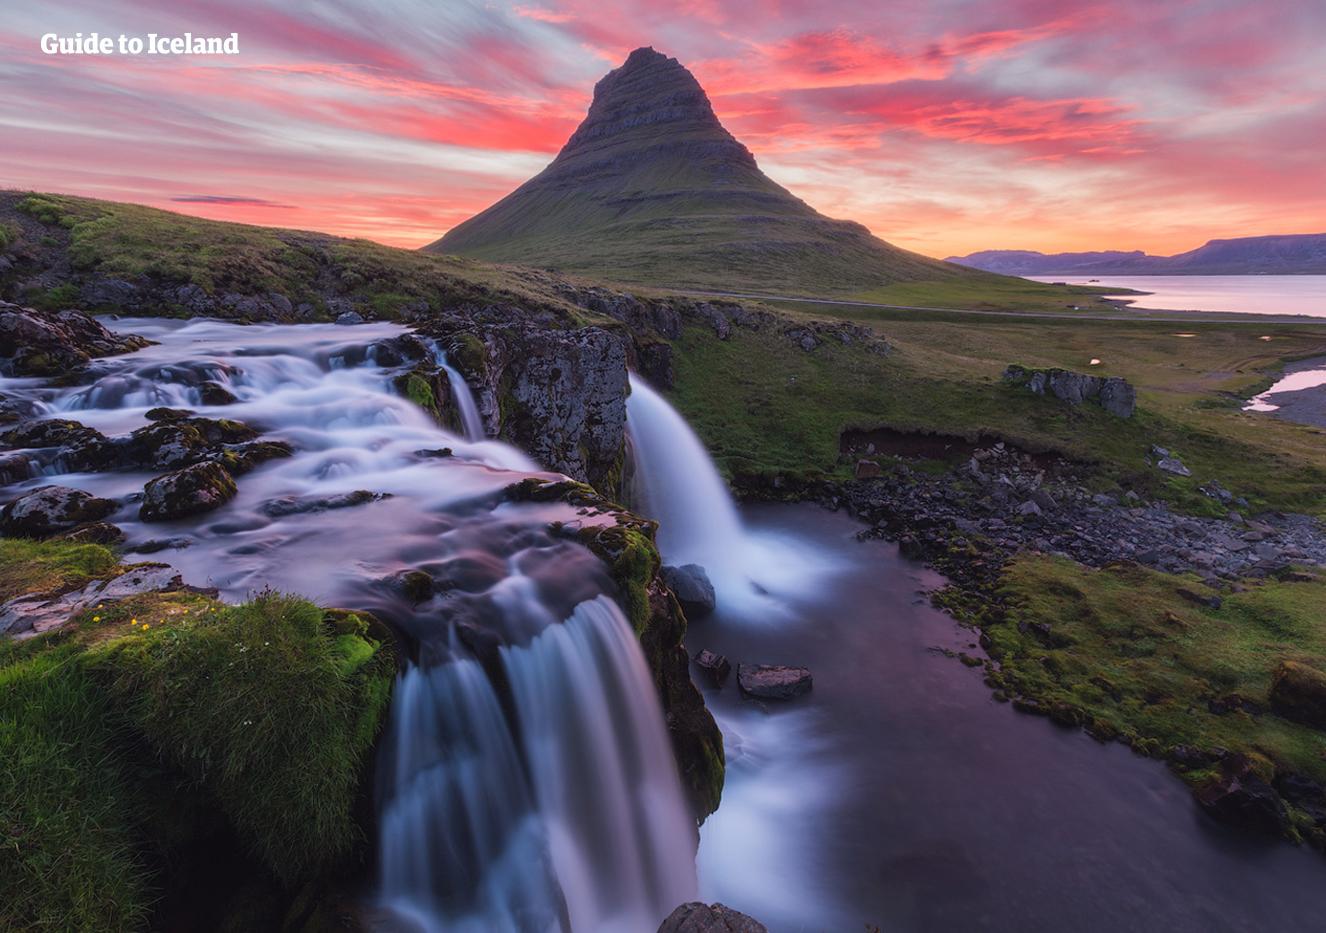 Le mont Kirkjufell en forme de pointe de flèche sur la péninsule de Snæfellsnes, baigné par les rayons du soleil de minuit.